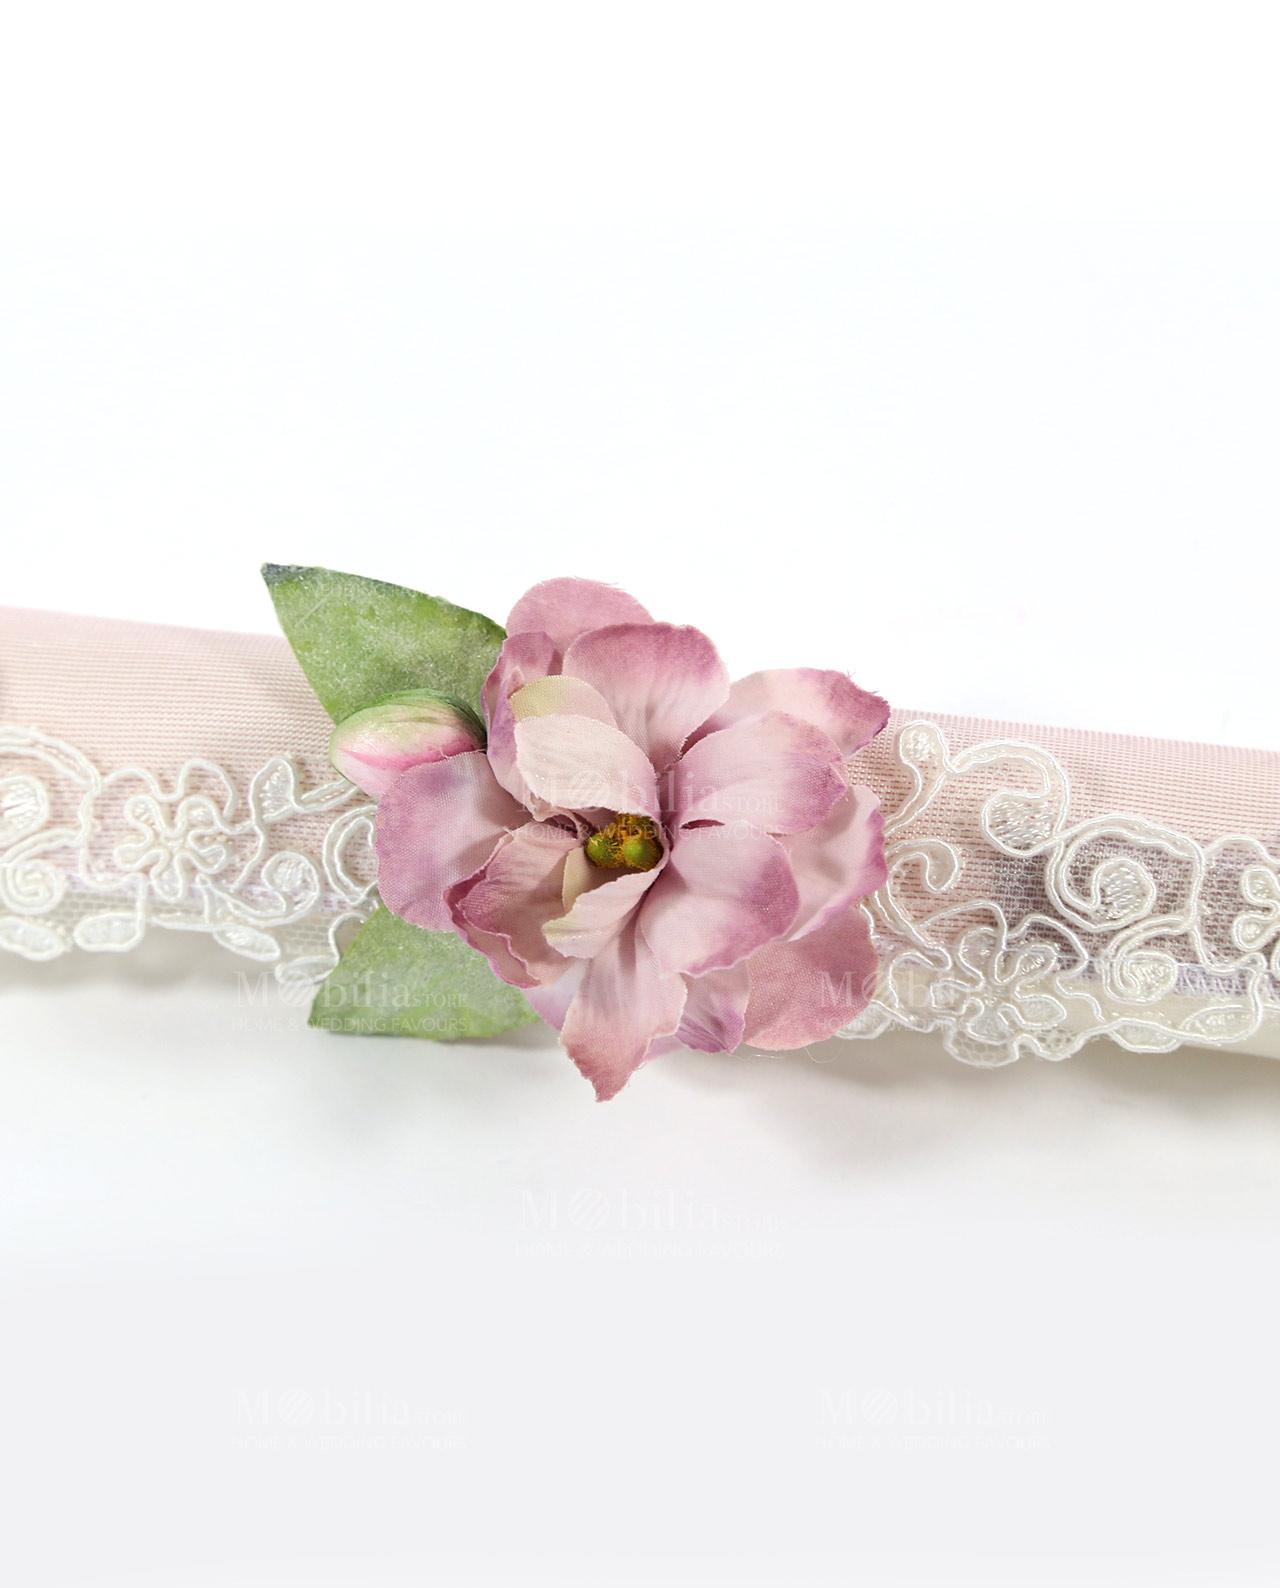 Pergamena Matrimonio Simbolico : Inviti matrimonio pergamena con magnolia e pizzo rebrodè rdm